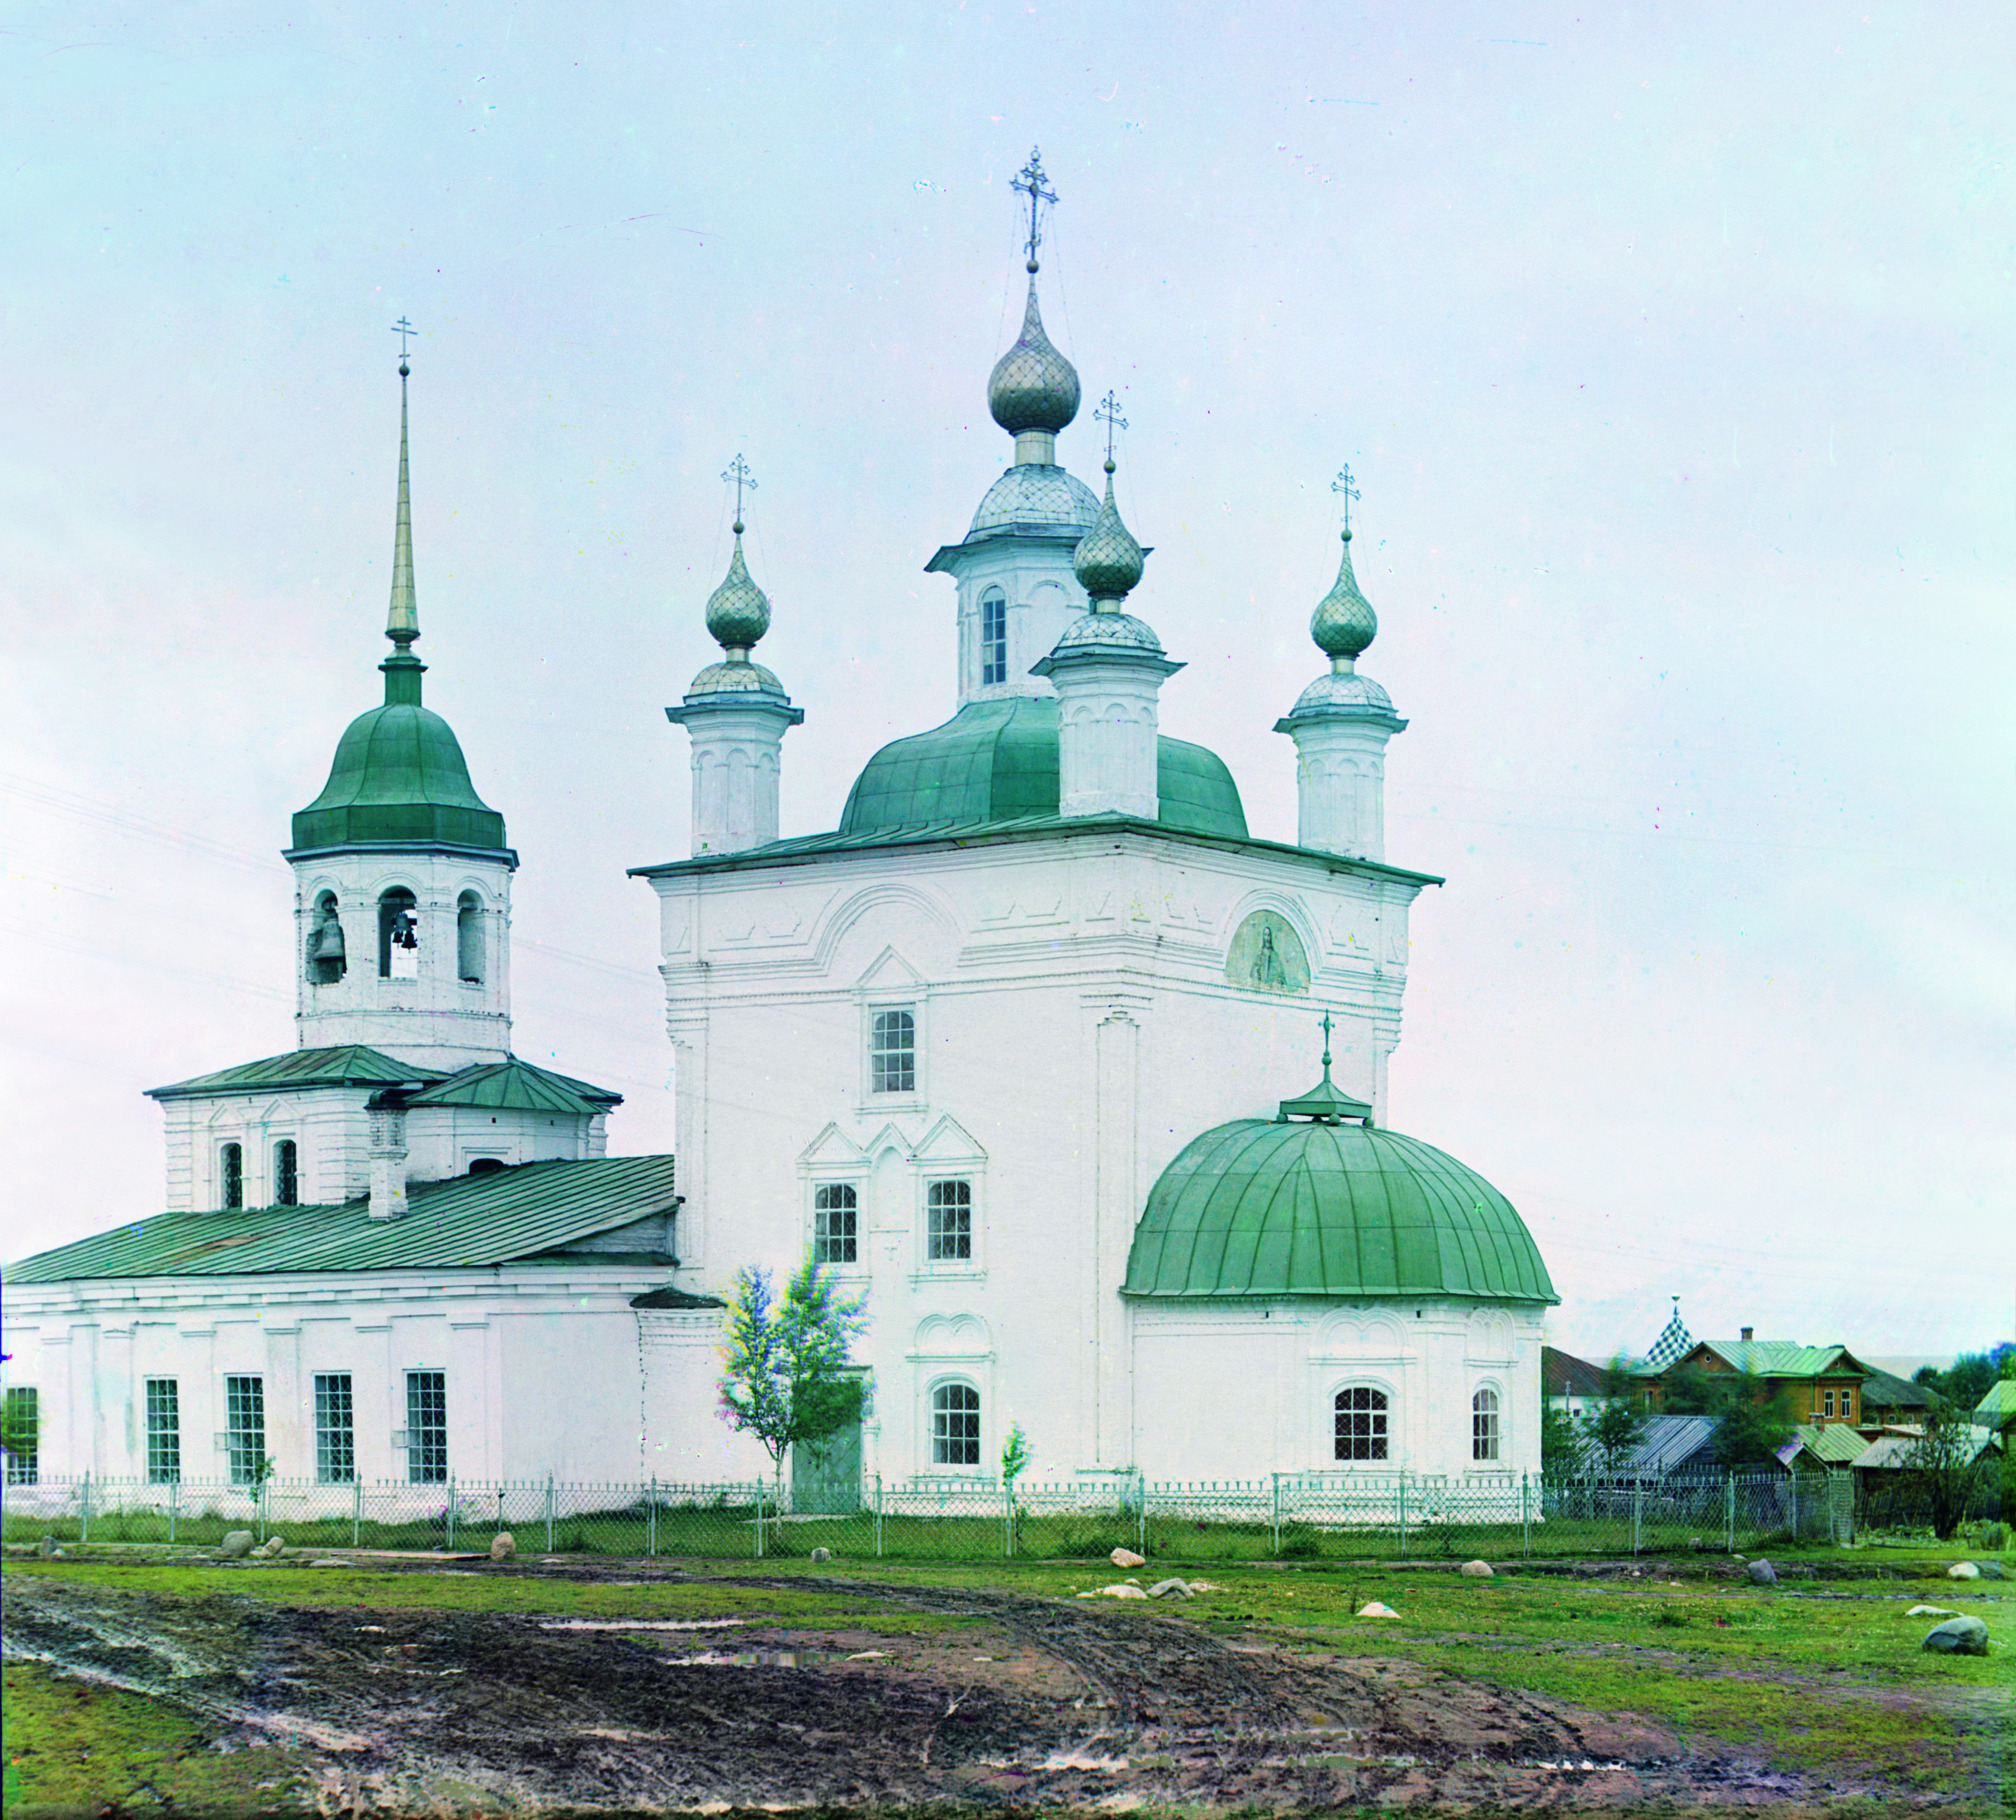 Белозерск. Церковь во имя Св. Петра и Павла